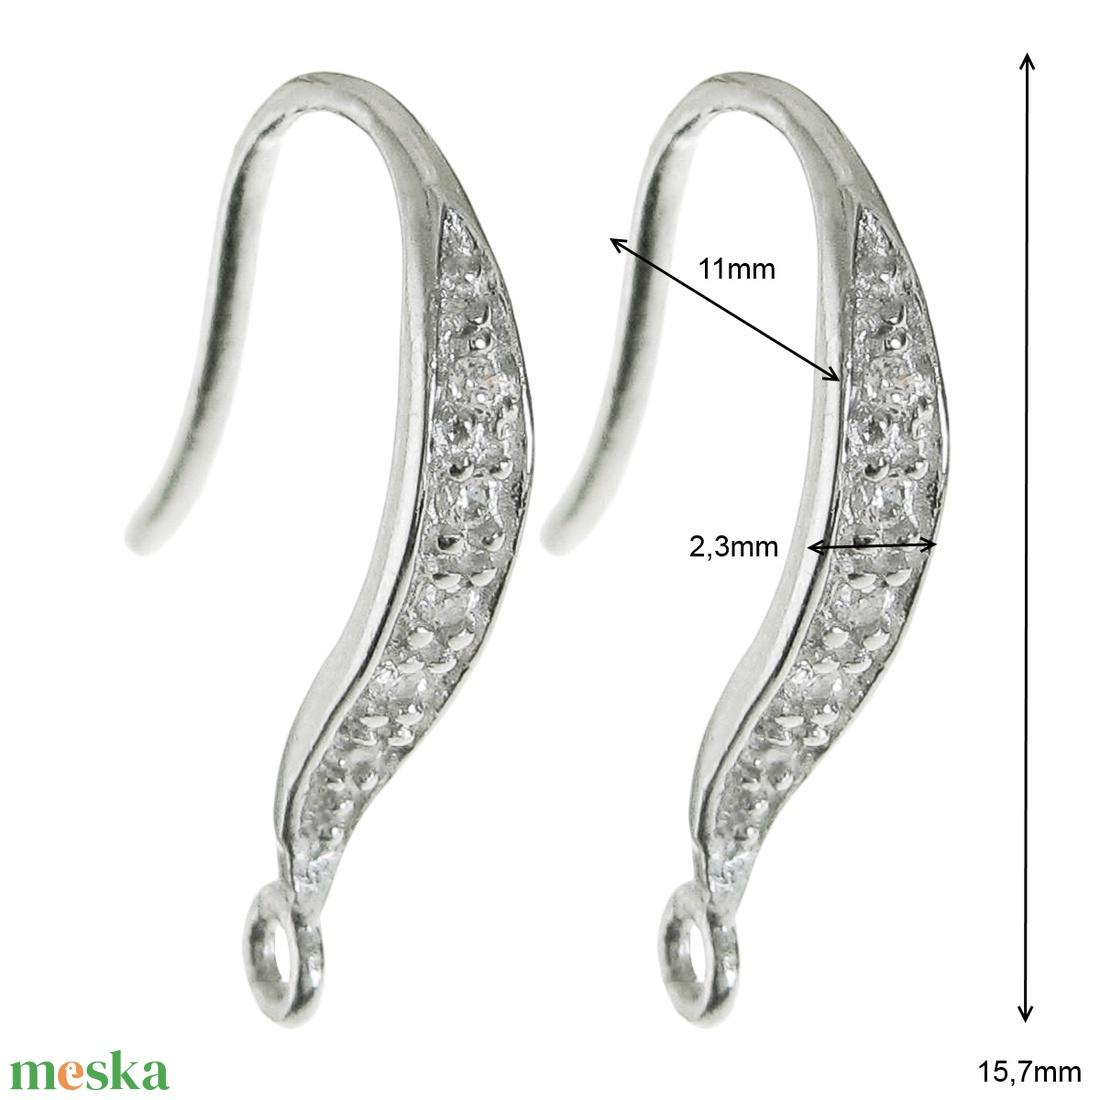 925-ös finomságú sterling  ezüst fülbevaló kapocs EFK A 45/3r - gyöngy, ékszerkellék - egyéb alkatrész - Meska.hu